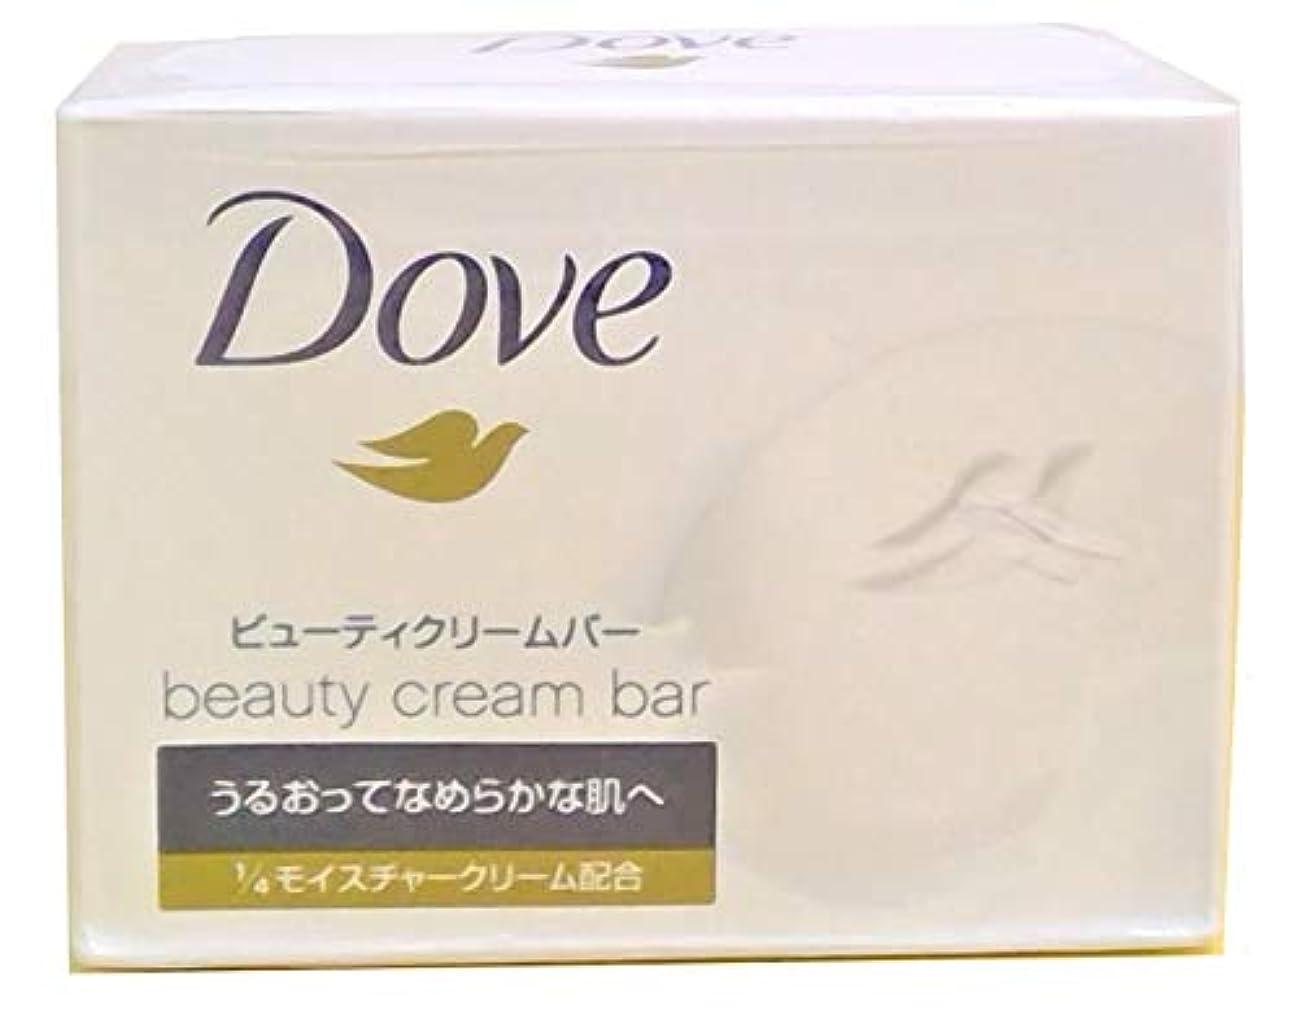 申請中エゴイズム伝染性Dove ダヴ ビューティークリームバー ホワイト 1個